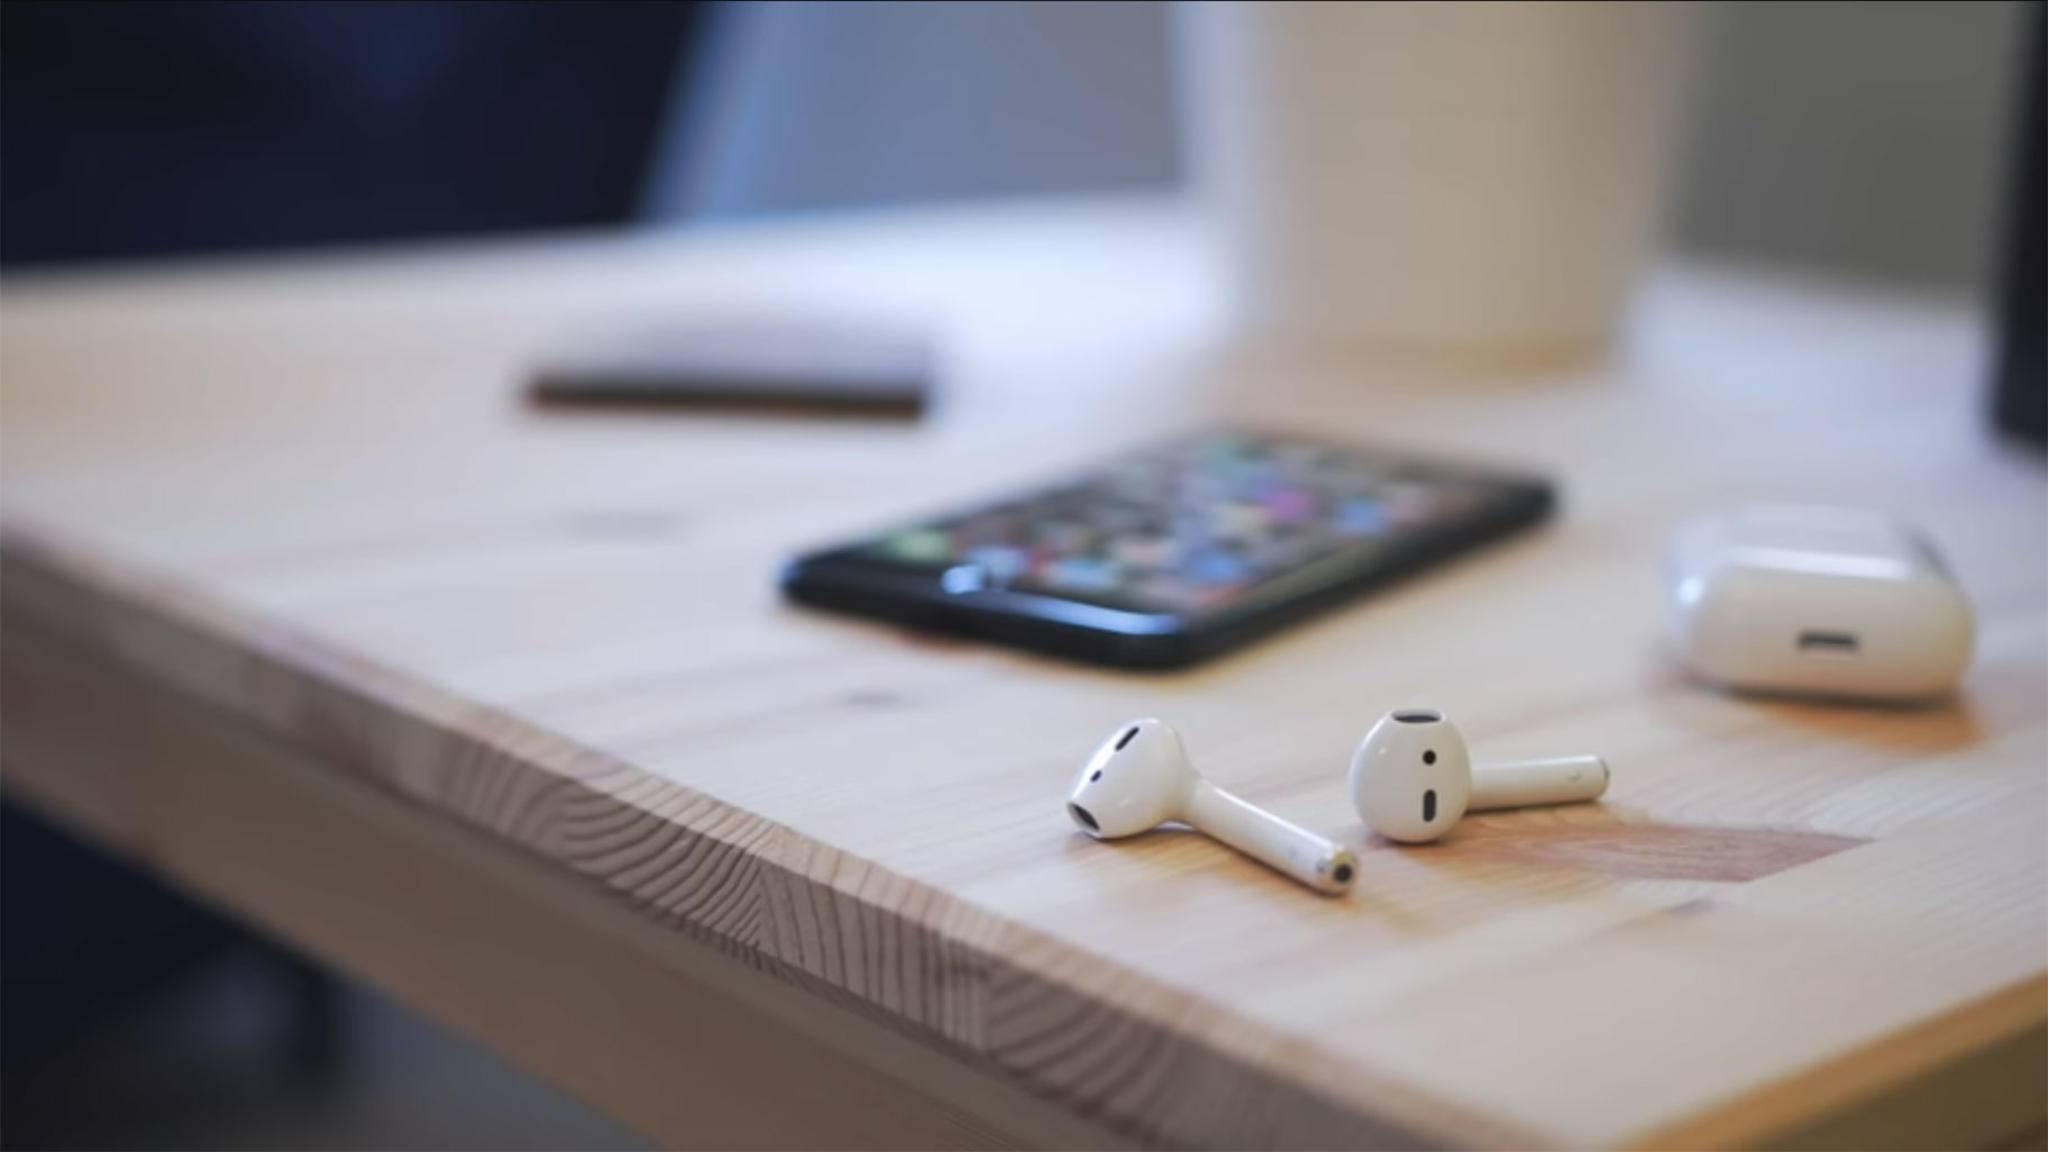 Klein und leicht verlegt: Für die AirPods gibt es eine neue Suchfunktion in iOS 10.3.